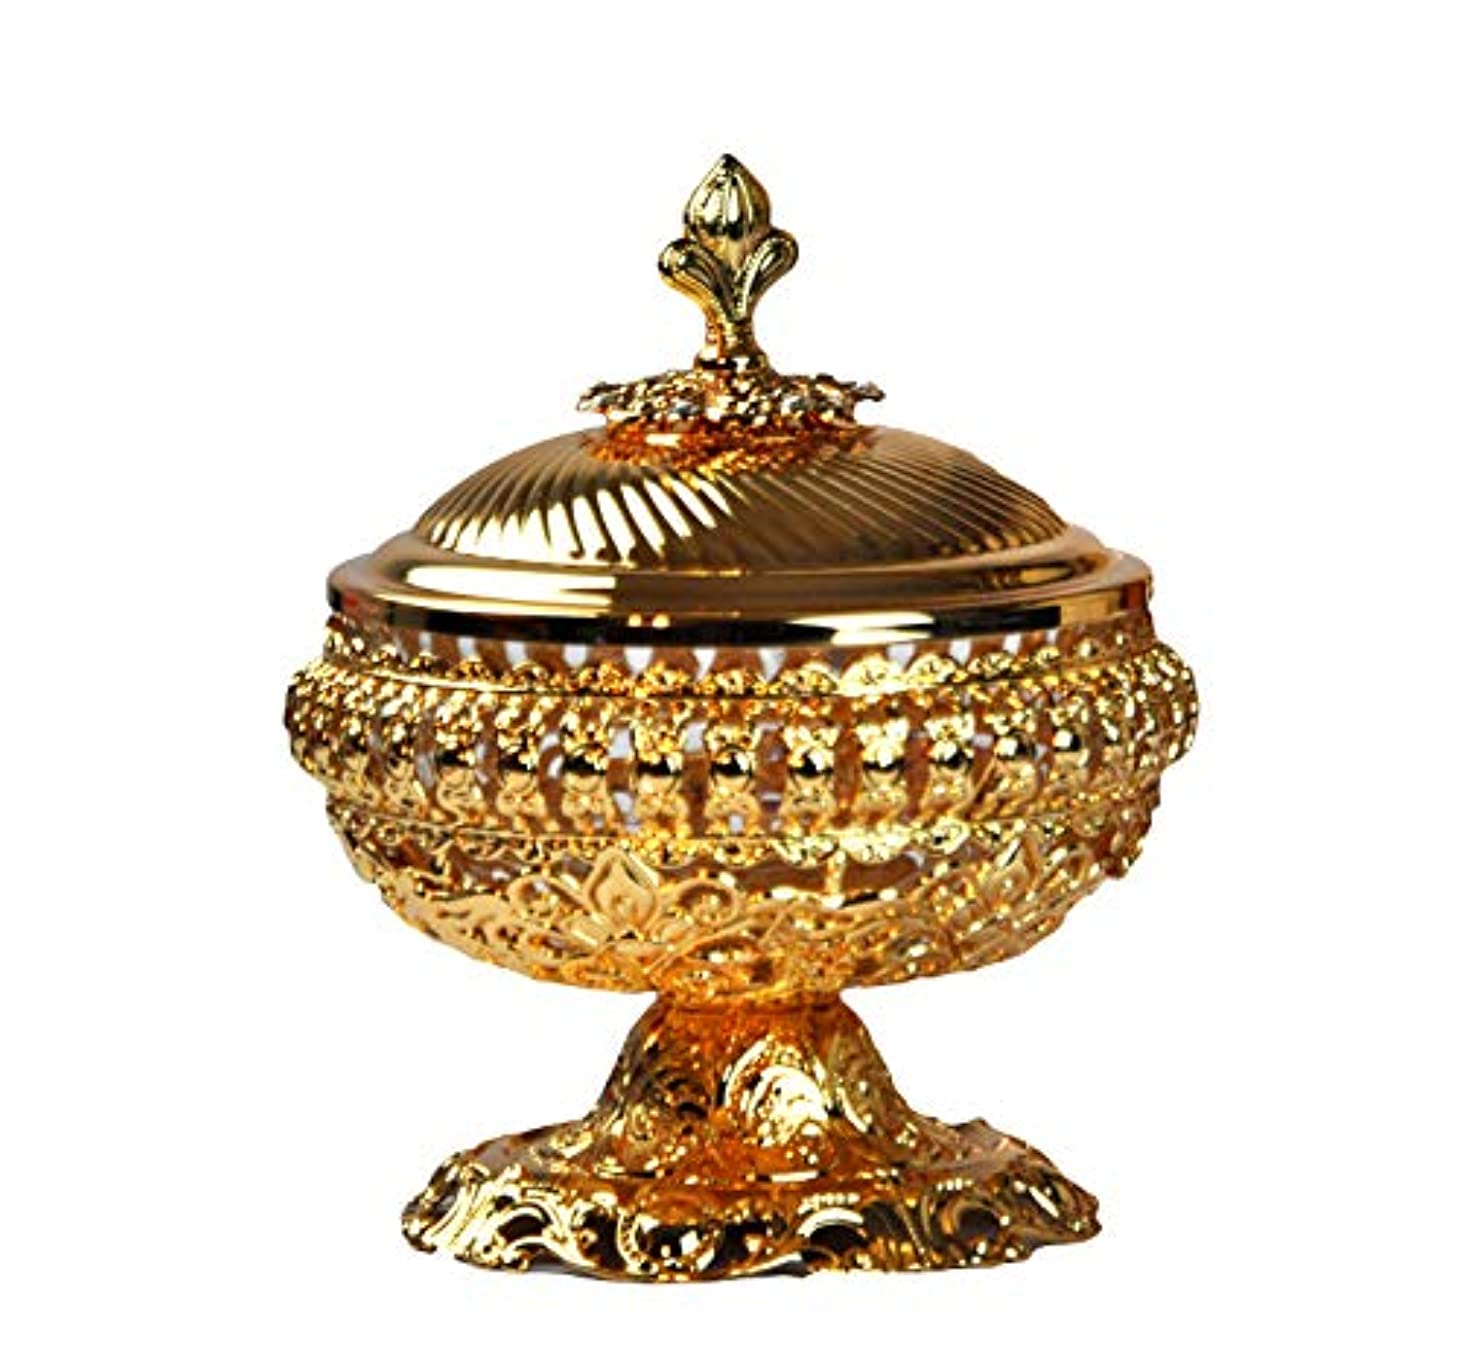 パンチナットレガシーDecorative Bowl to keep hold整理Arabia Bakhoor、チャコール、Oudチップ、Oud Wood、Oudhタブレット、 9inc. シルバー